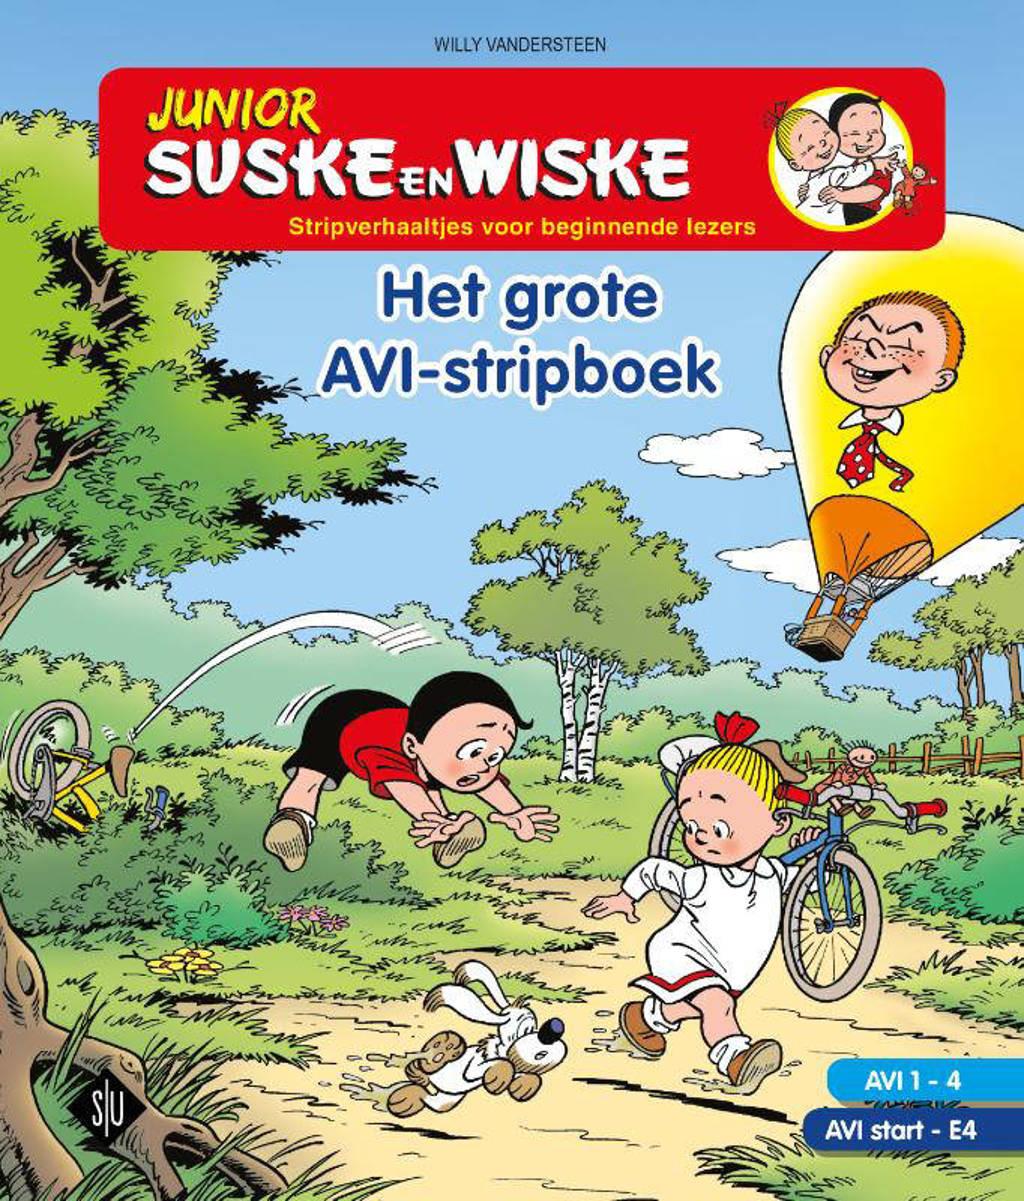 Junior Suske en Wiske: Het grote AVI stripboek - Willy Vandersteen